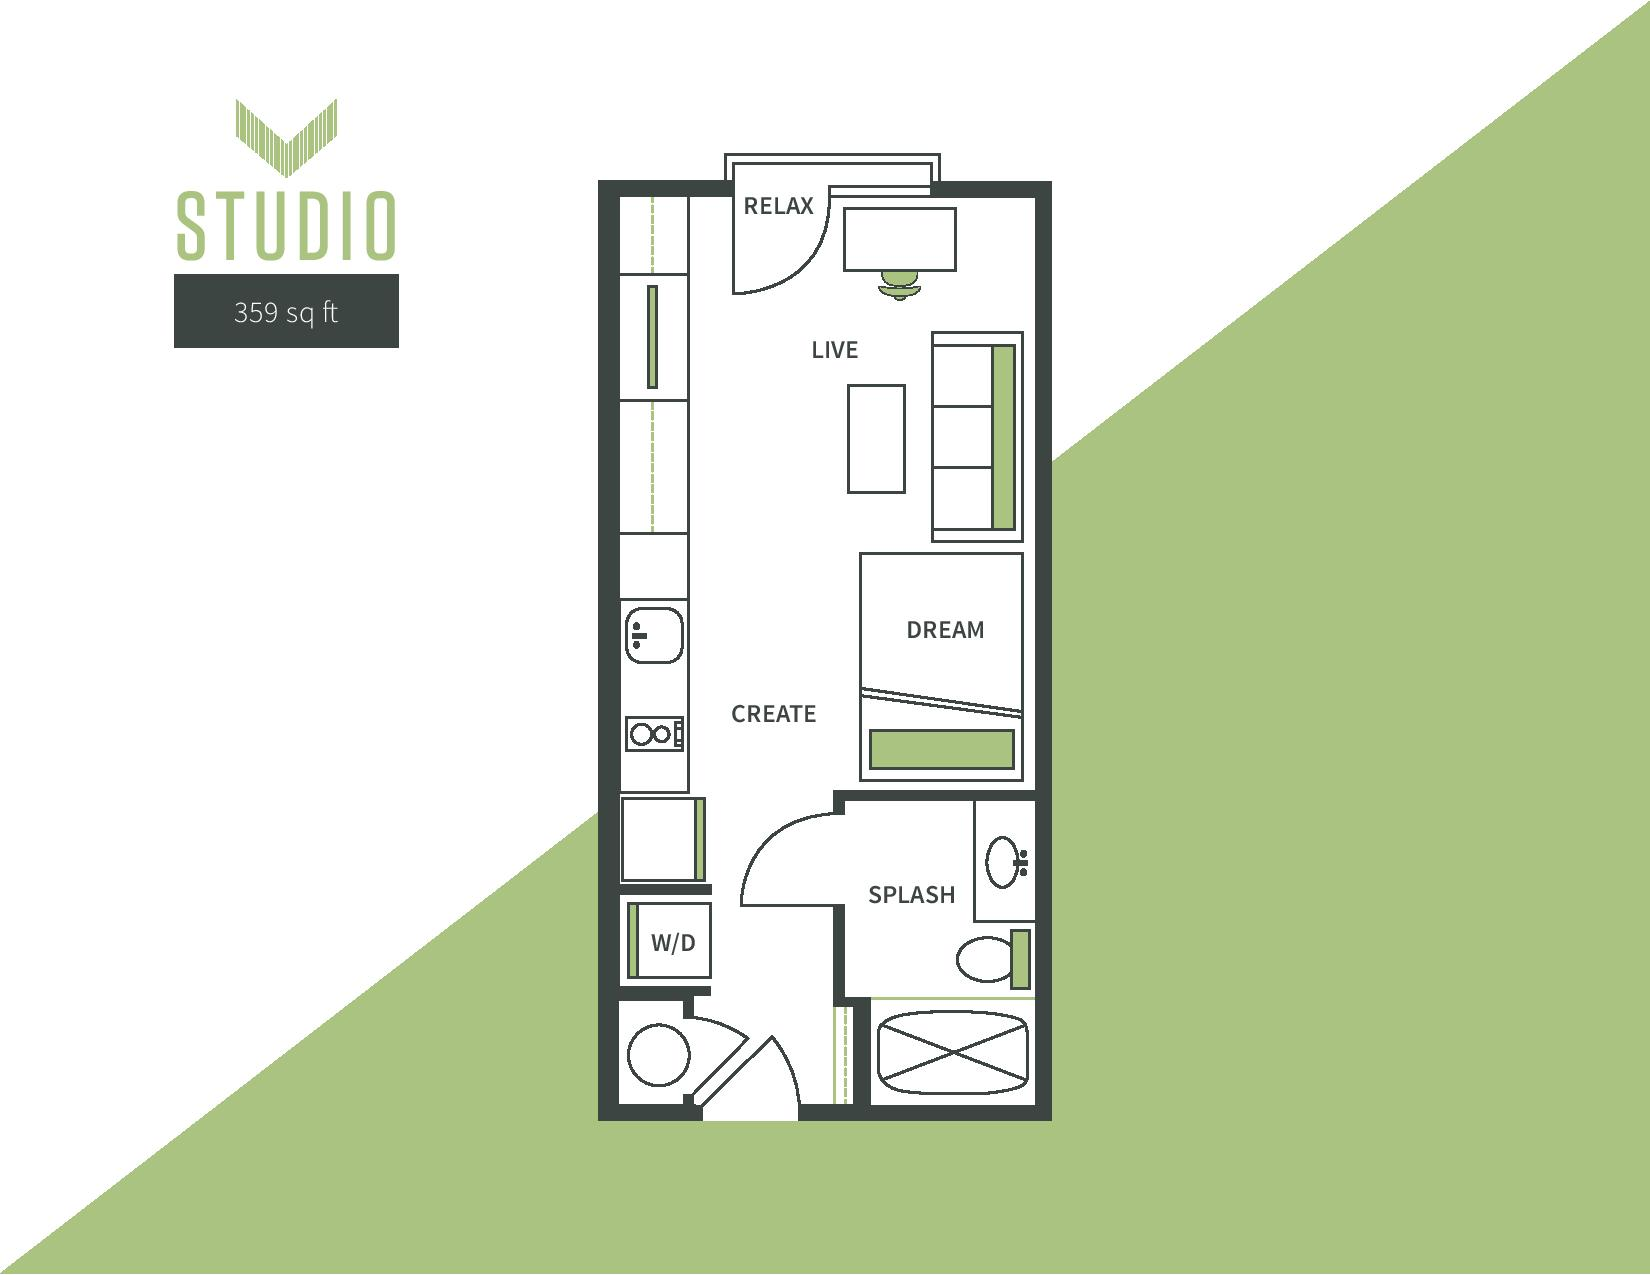 Studio Floor Plan - 359 Sq. ft.